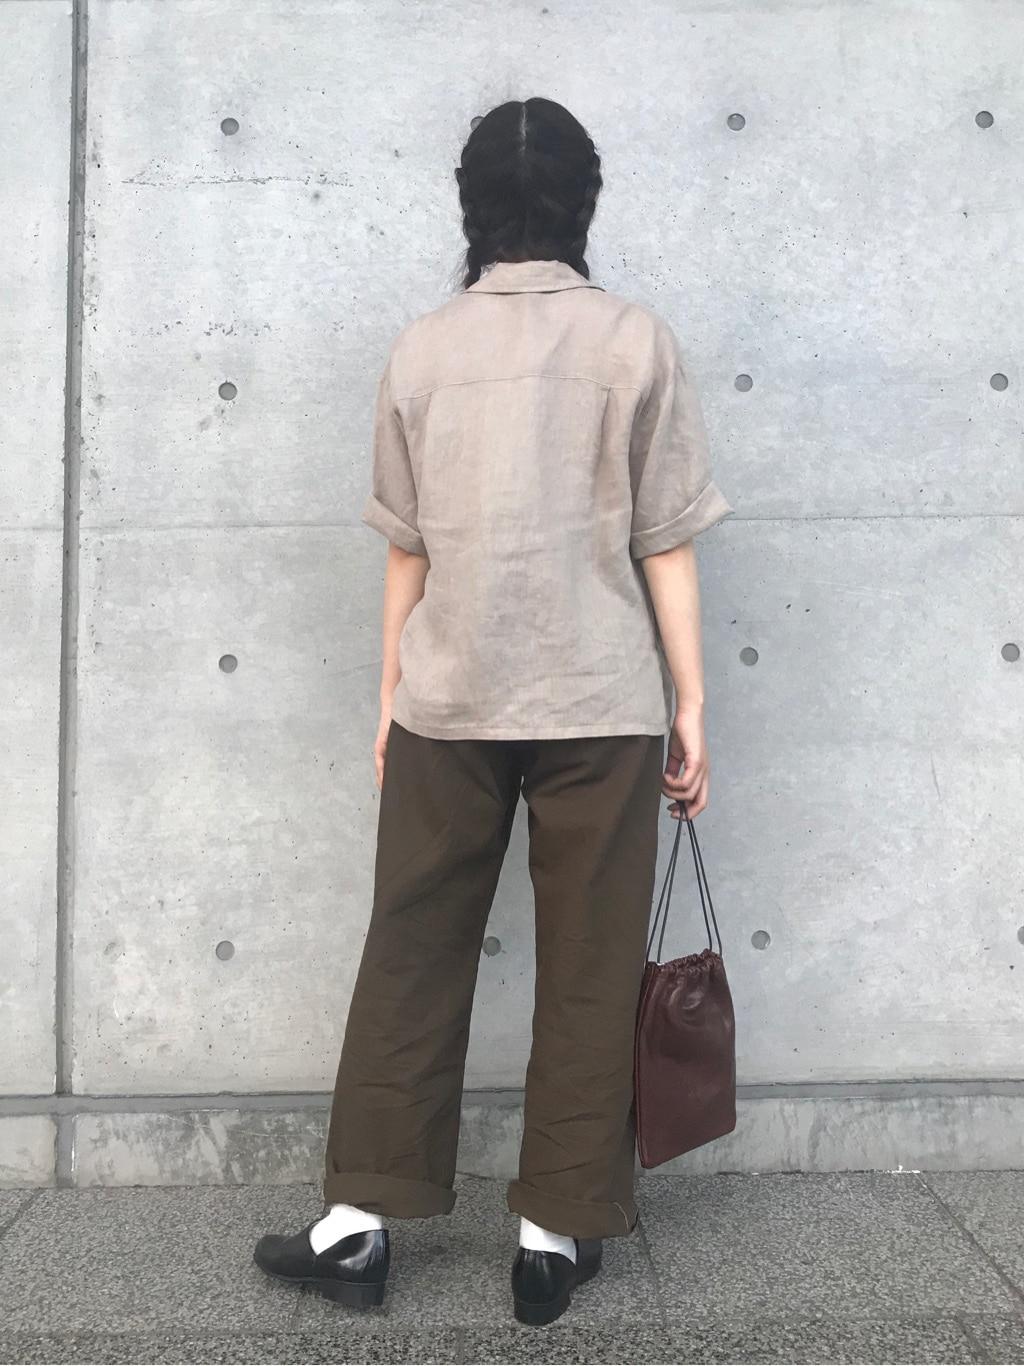 l'atelier du savon 東京スカイツリータウン・ソラマチ 身長:154cm 2020.07.31